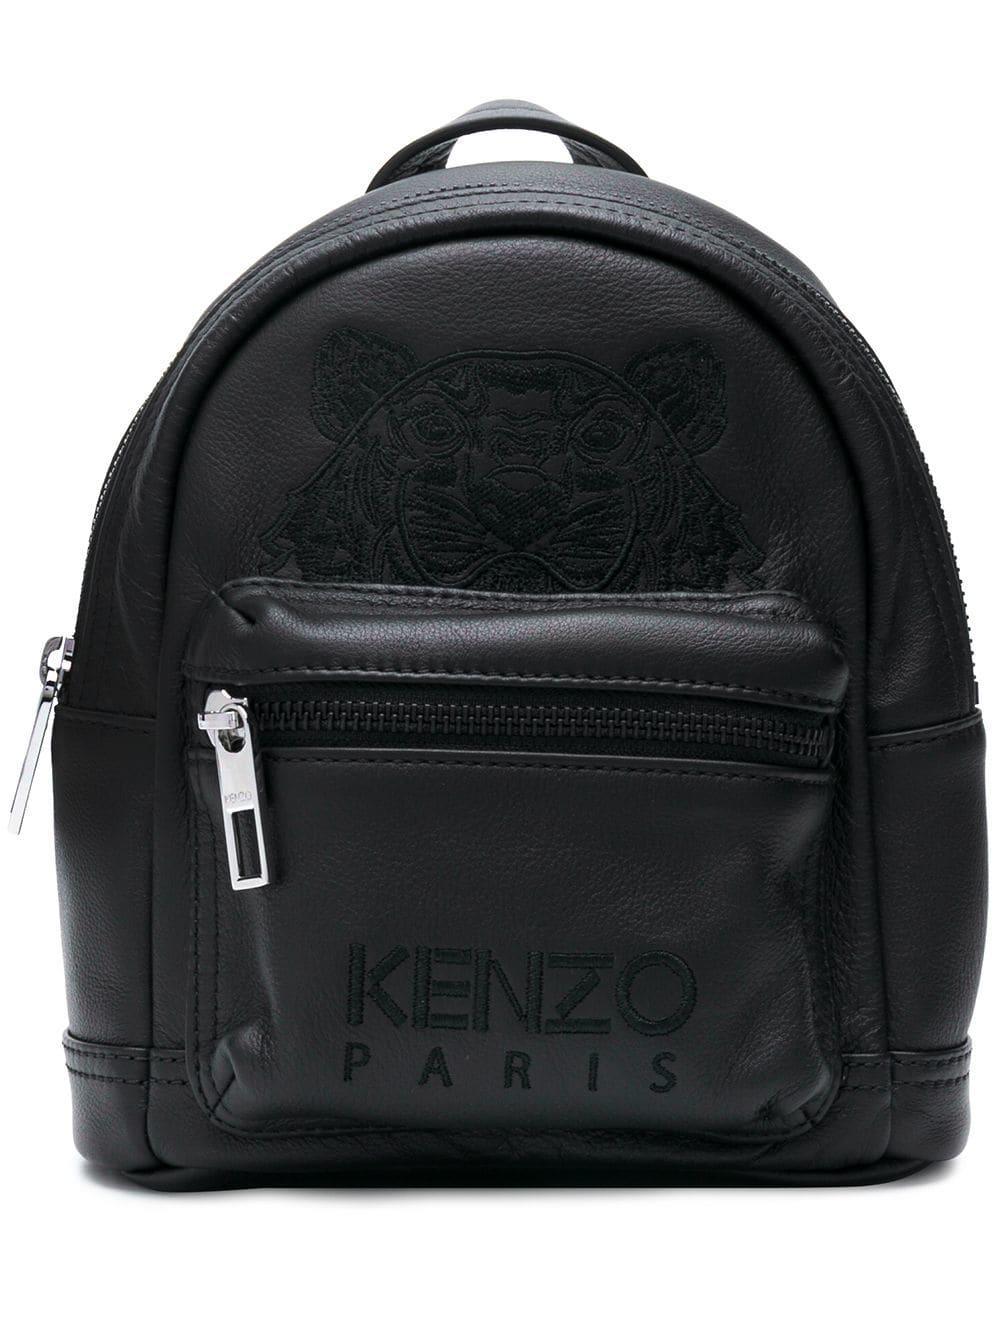 Cuir Mini À Dos Coloris Lyst En Noir Sac Kenzo T1uKc5lFJ3